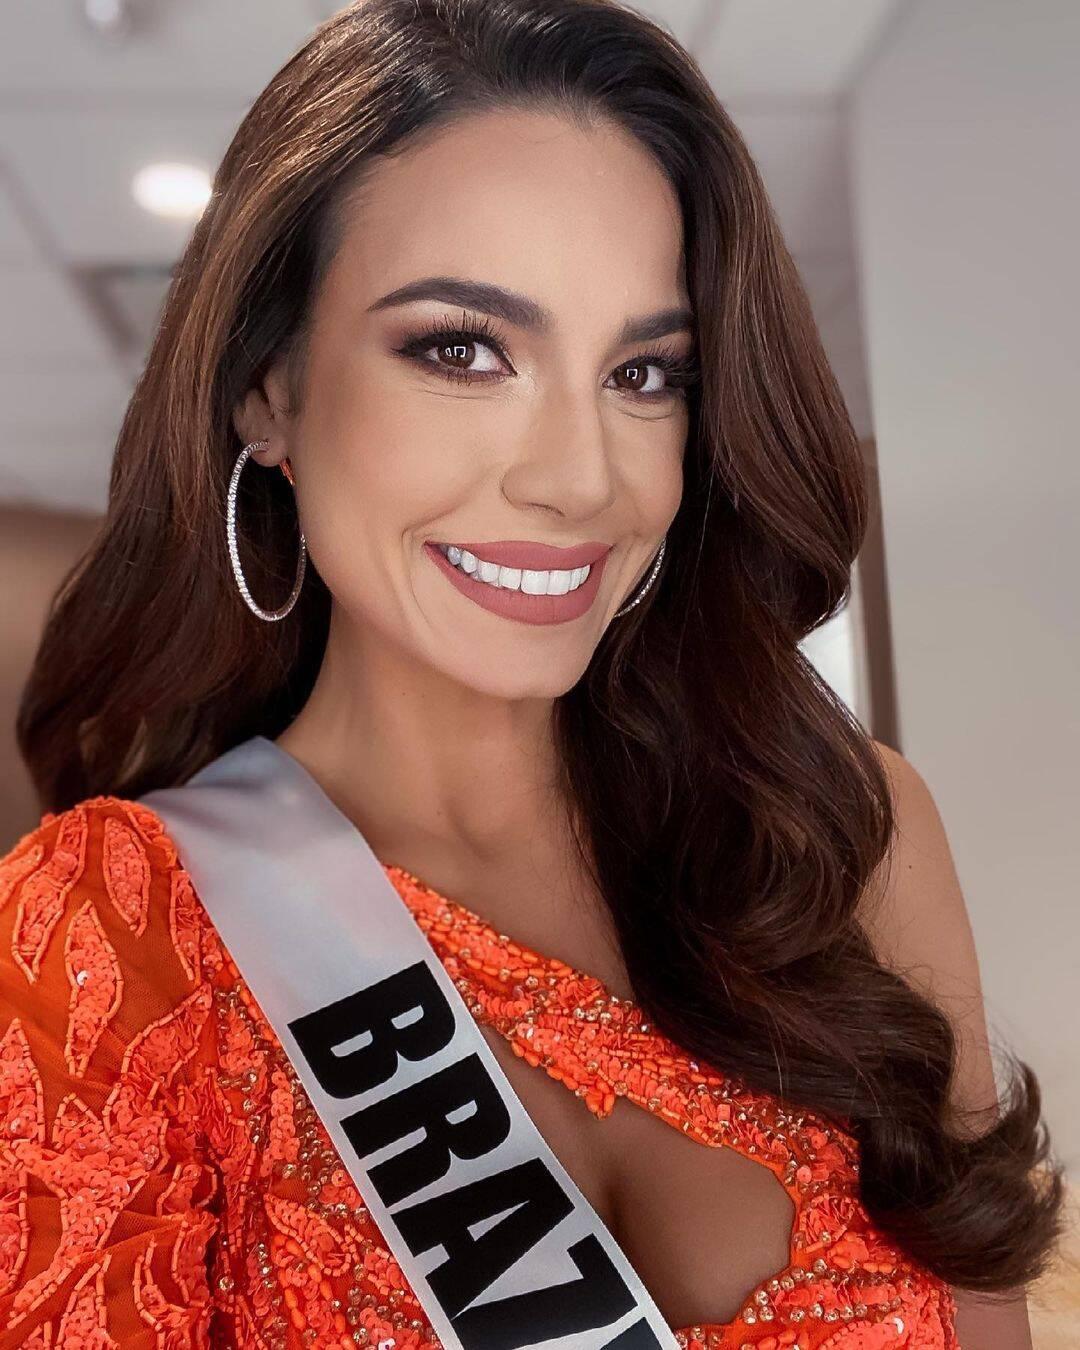 A candidata e Miss Brasil, Julia Gama, ficou em segundo lugar na competição de beleza. (Foto: Instagram/ @juliawgama)